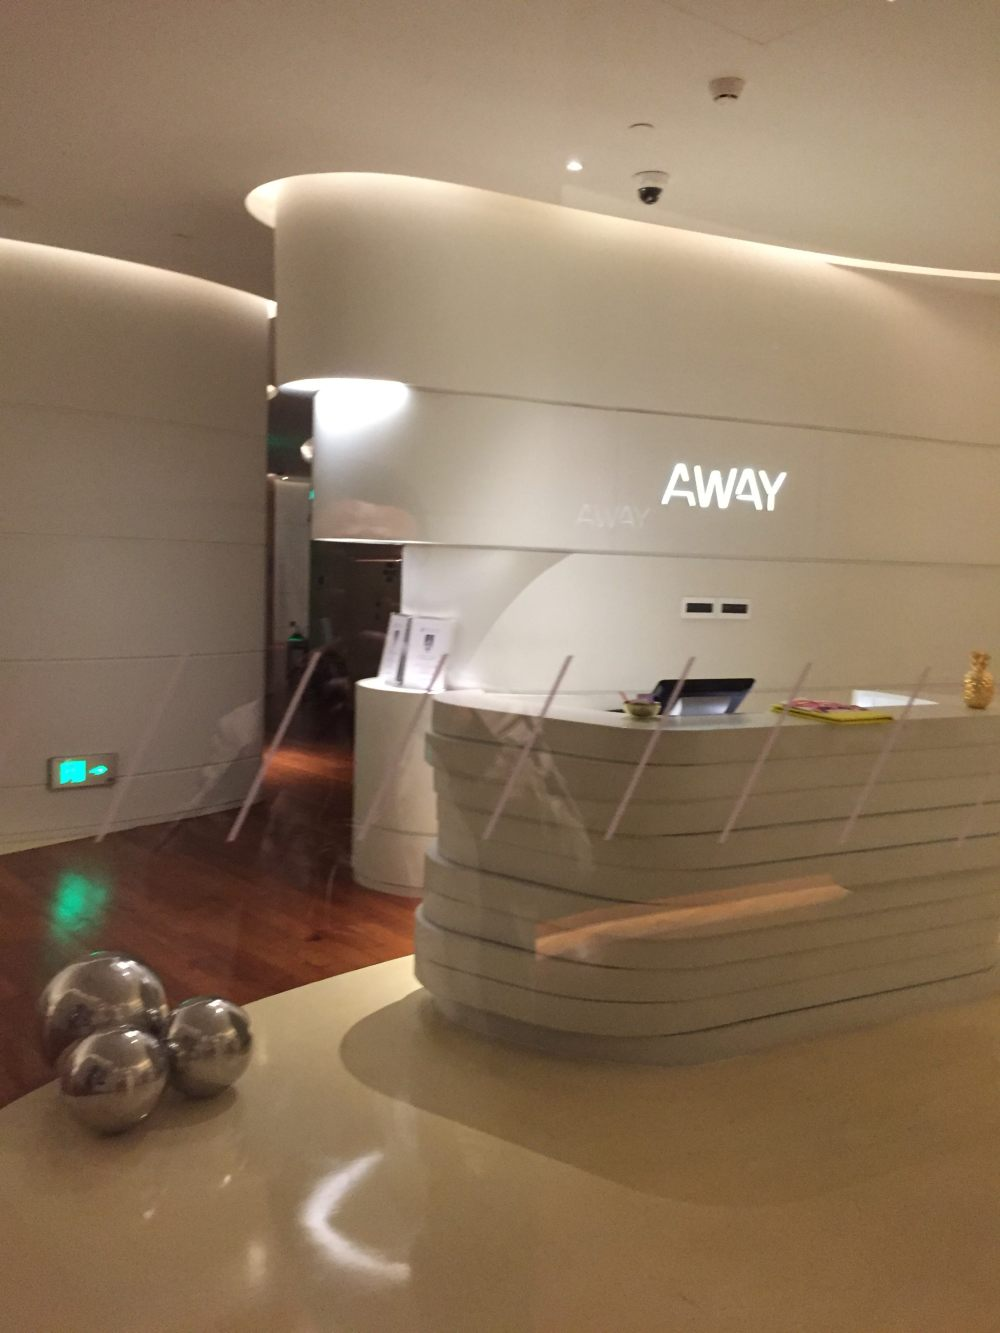 上海外滩W酒店,史上最全入住体验 自拍分享,申请置...._IMG_6203.JPG